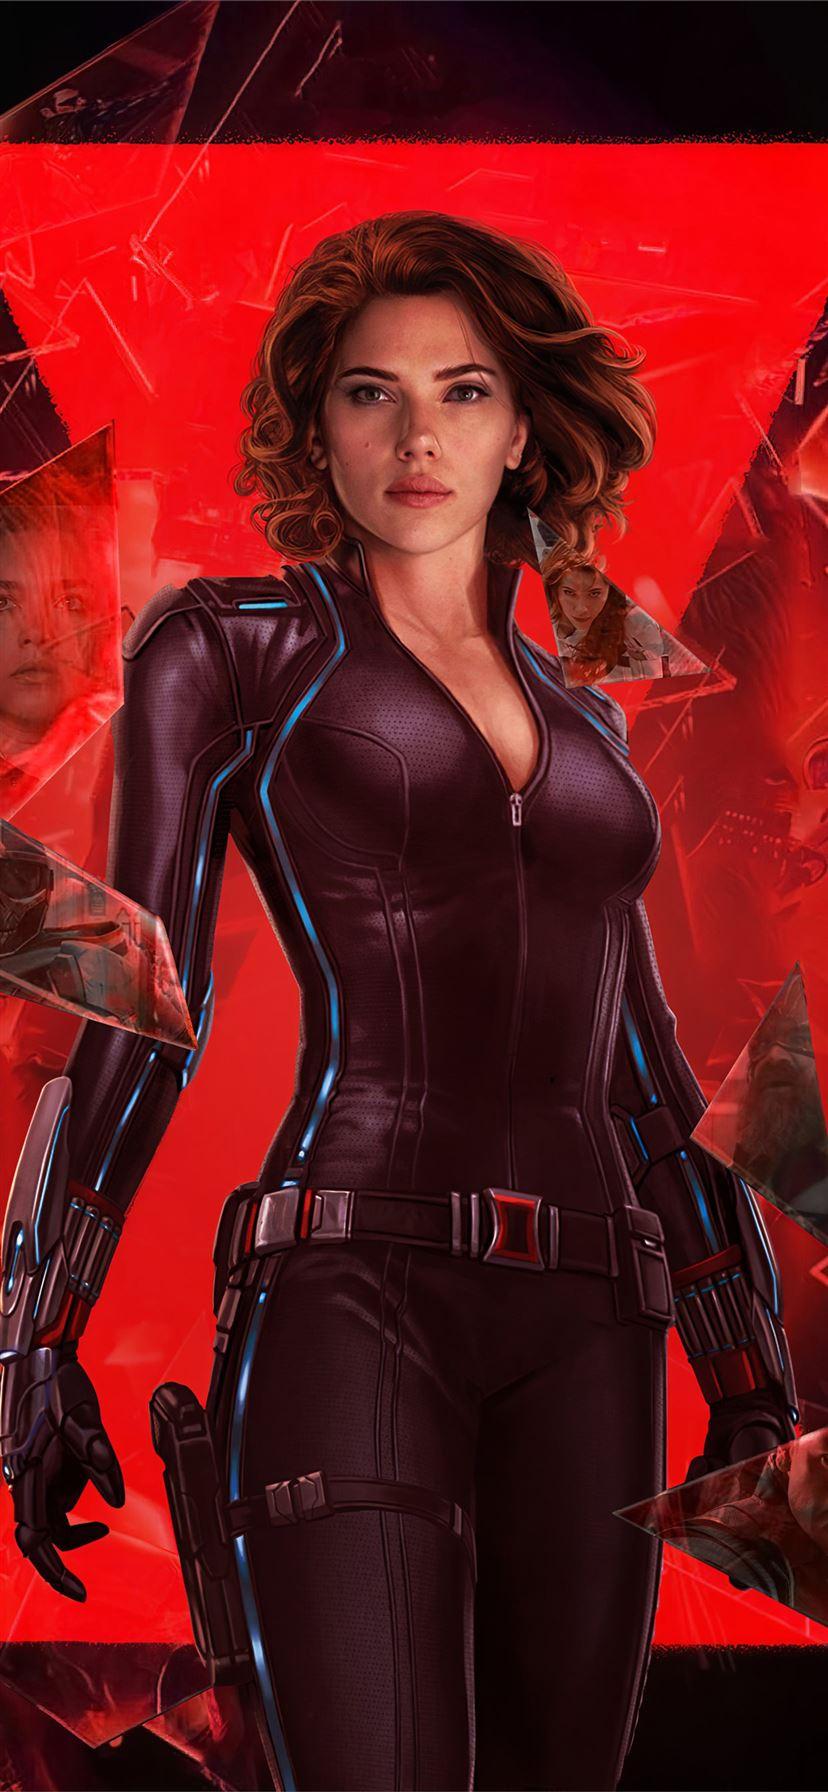 Black Widow 2020 Movie Artwork 4k Iphone 11 Wallpapers Free Download